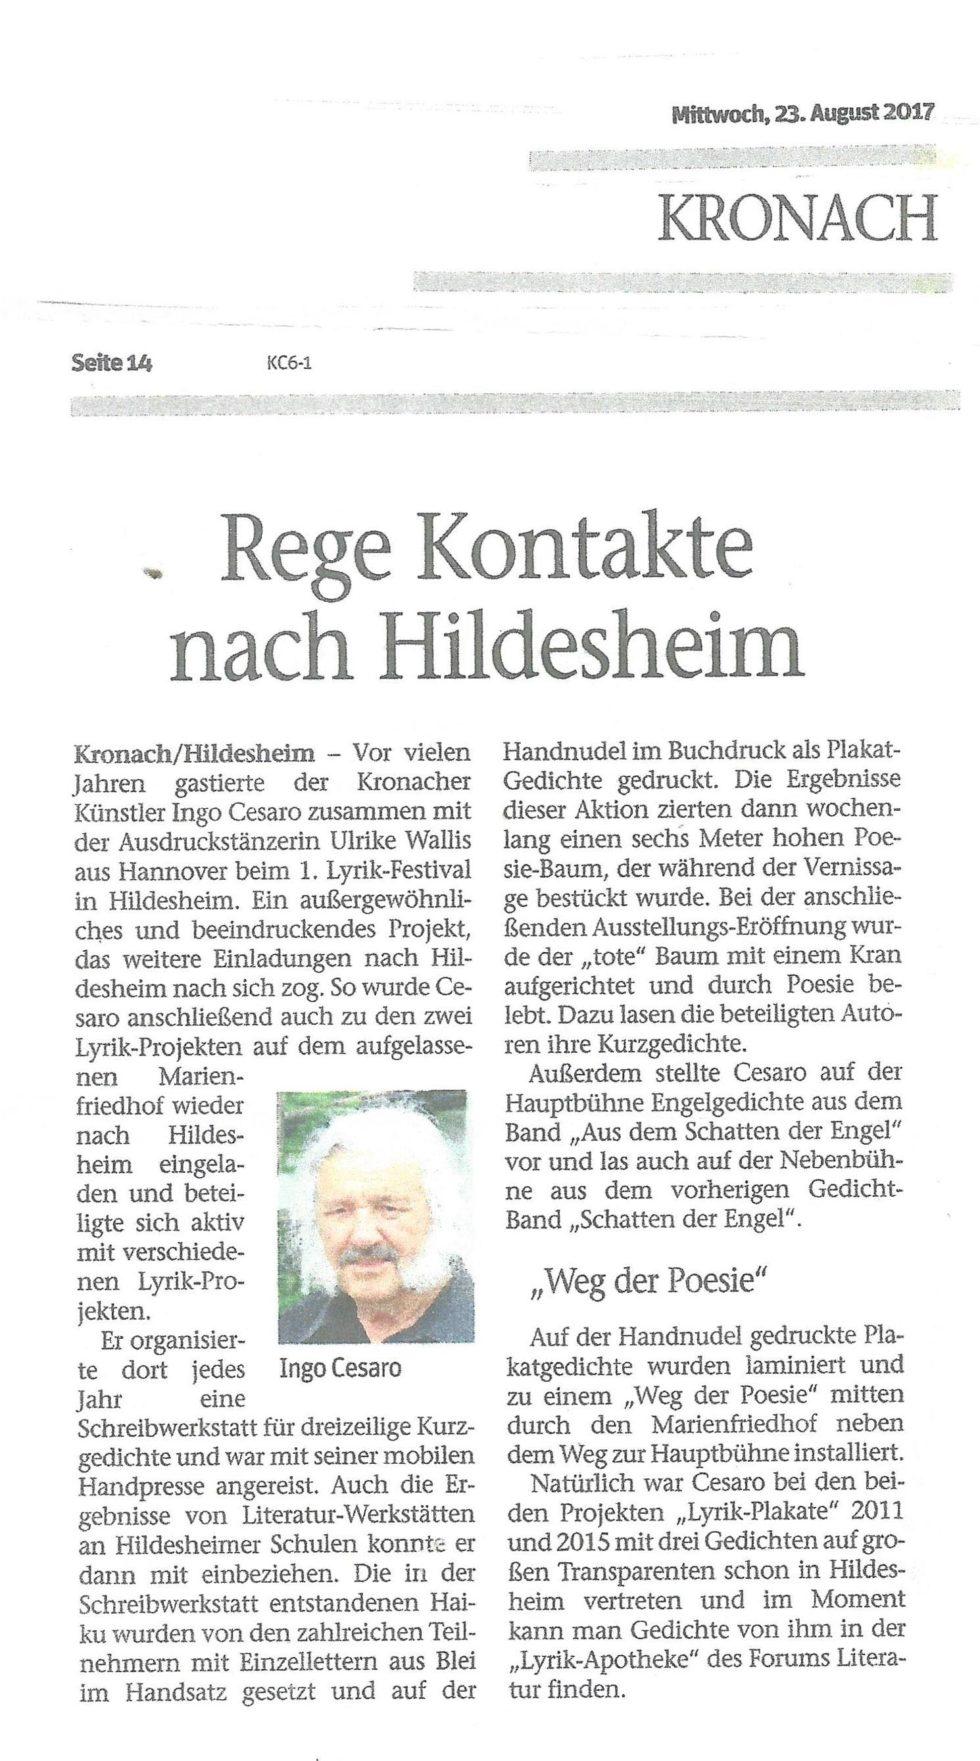 Neue_Presse_Kronach_LeseZeichen2017_30.08.17